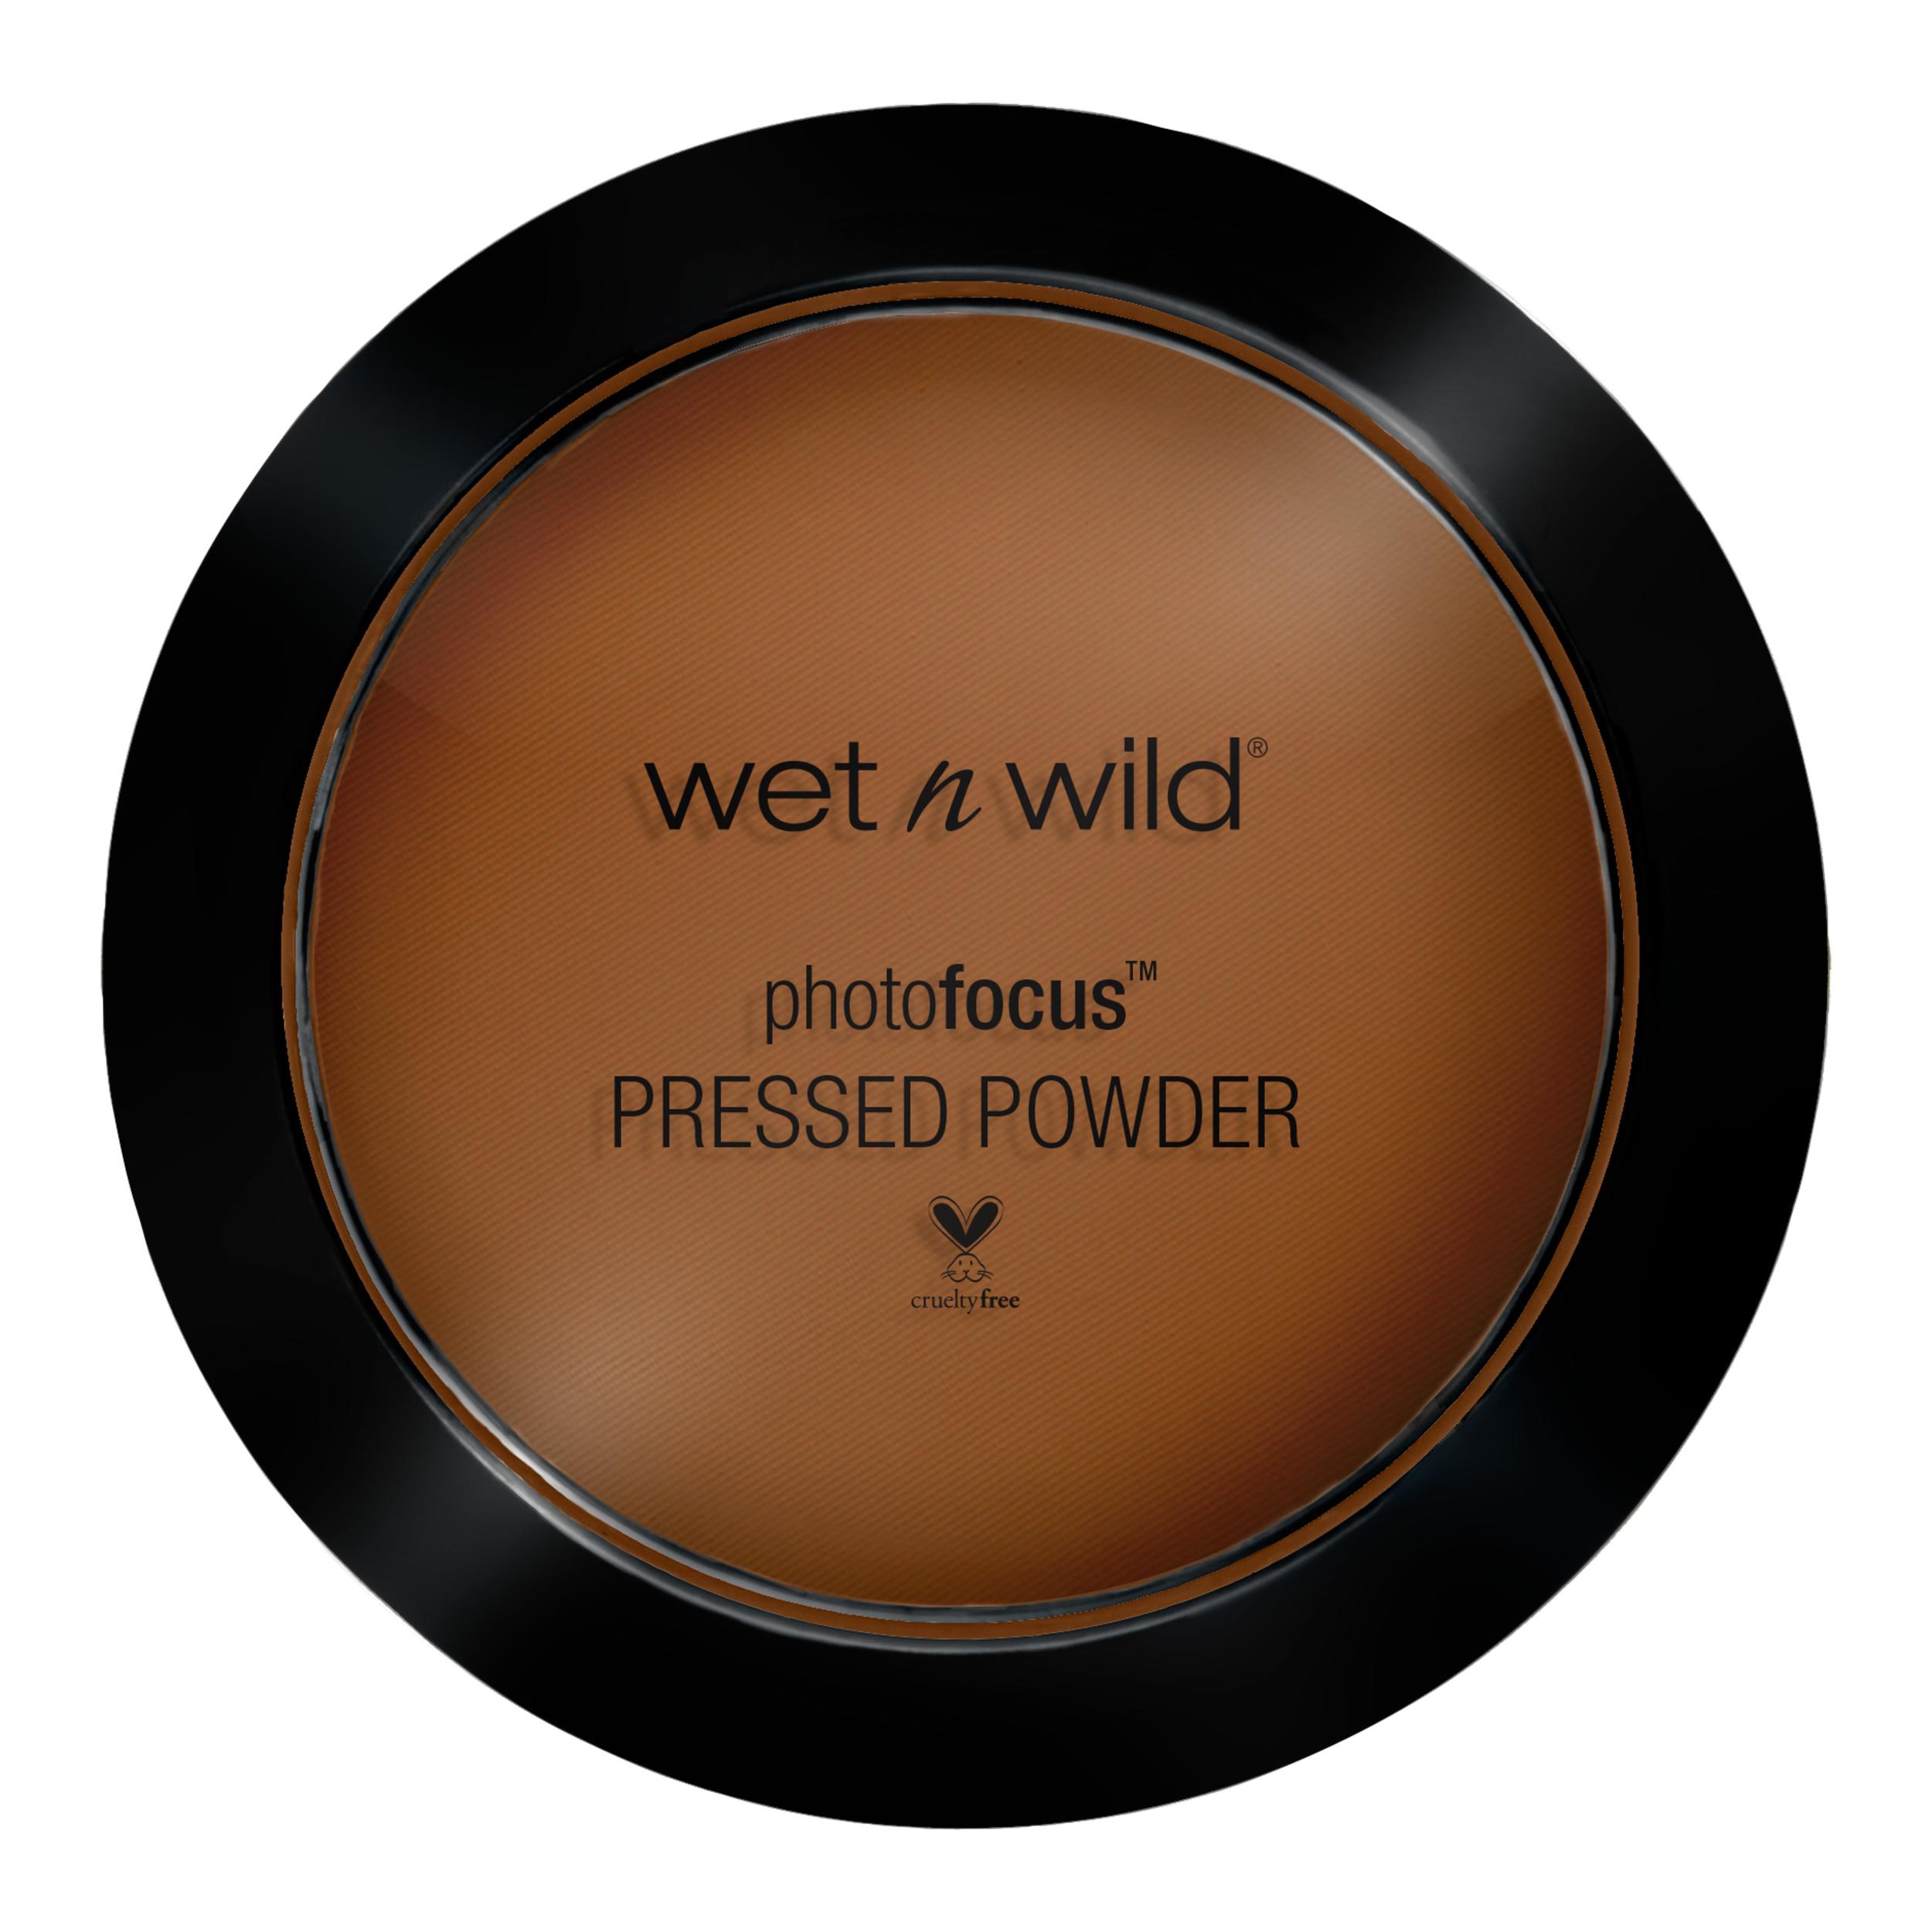 wet n wild Photo Focus Pressed Powder, Dark Café